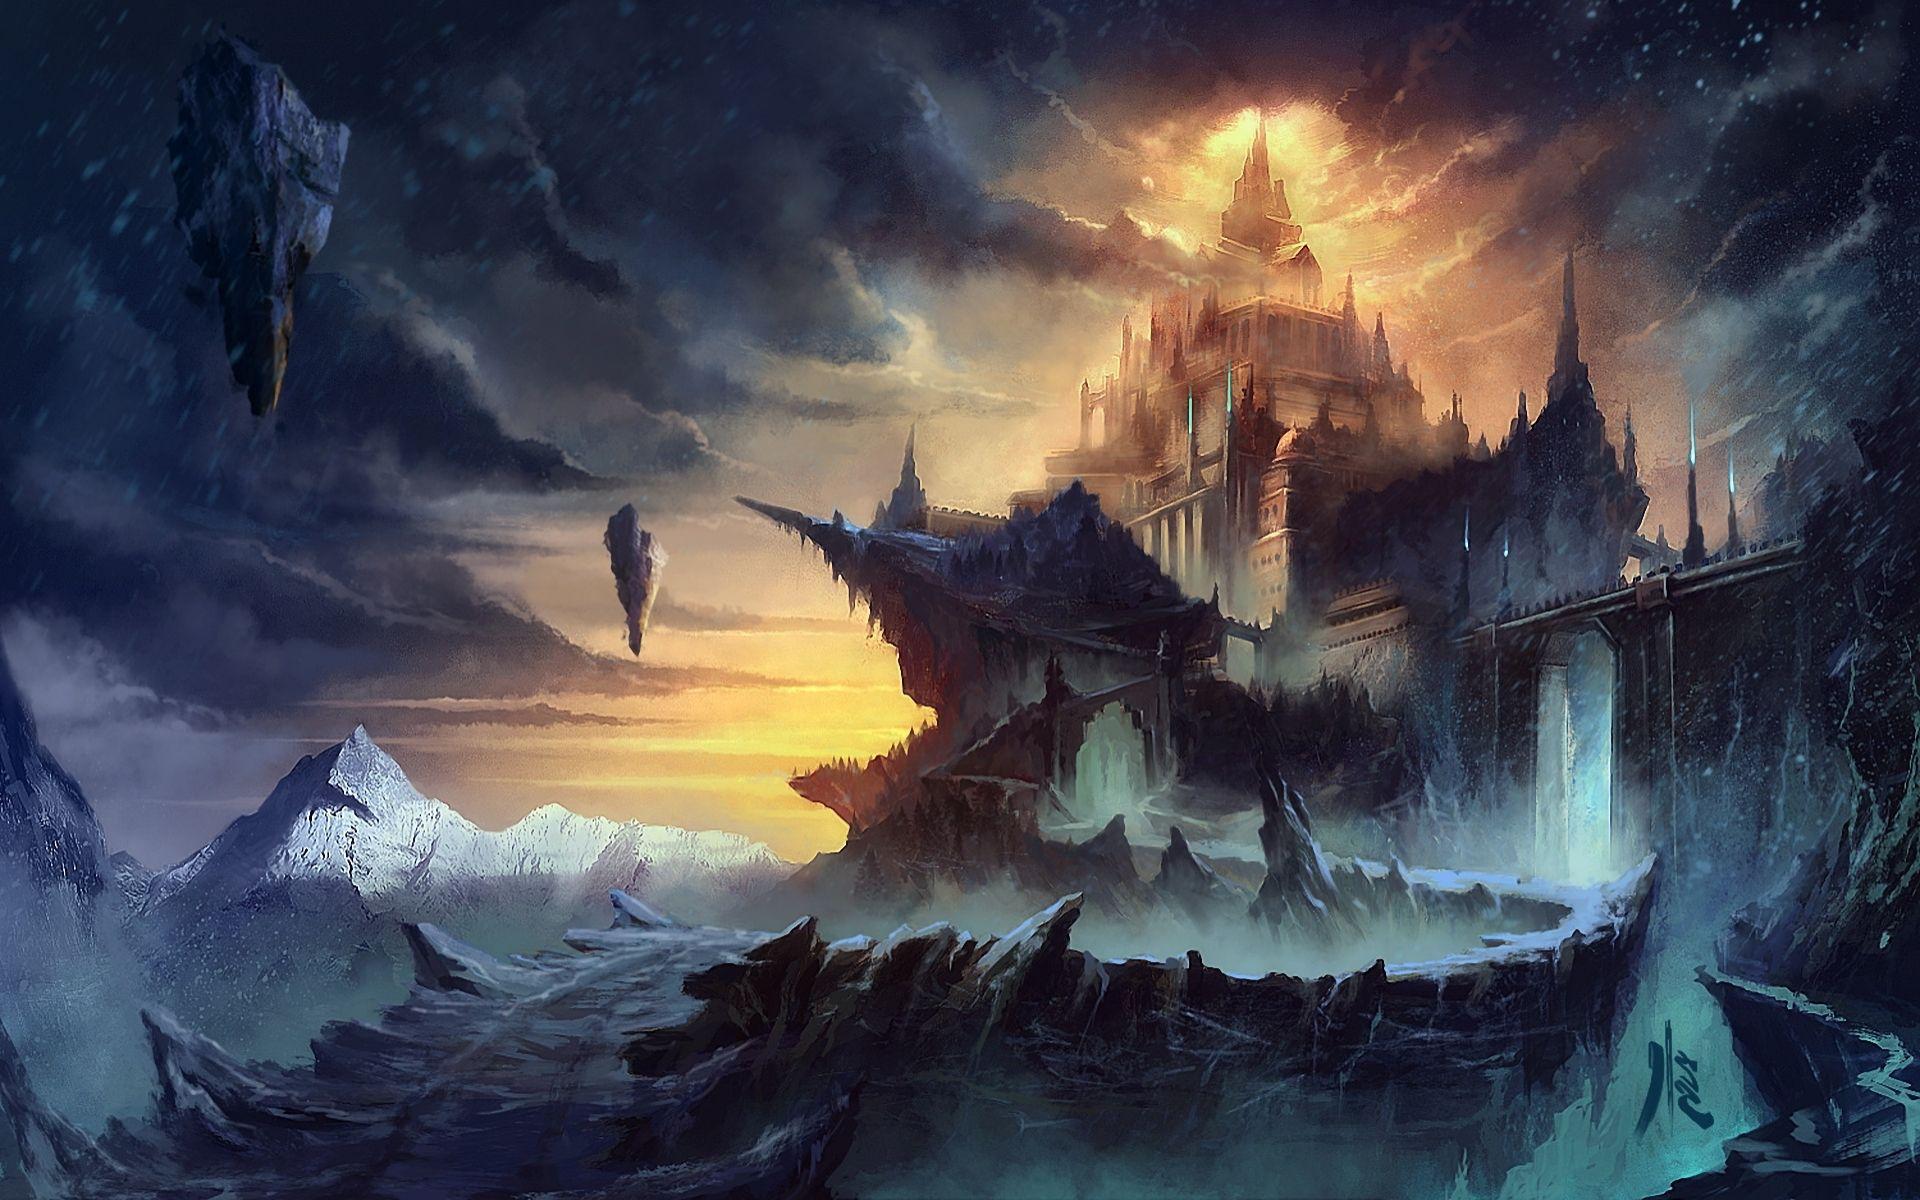 fantasy world artwork wallpapers - http://hdwallpapersf/fantasy